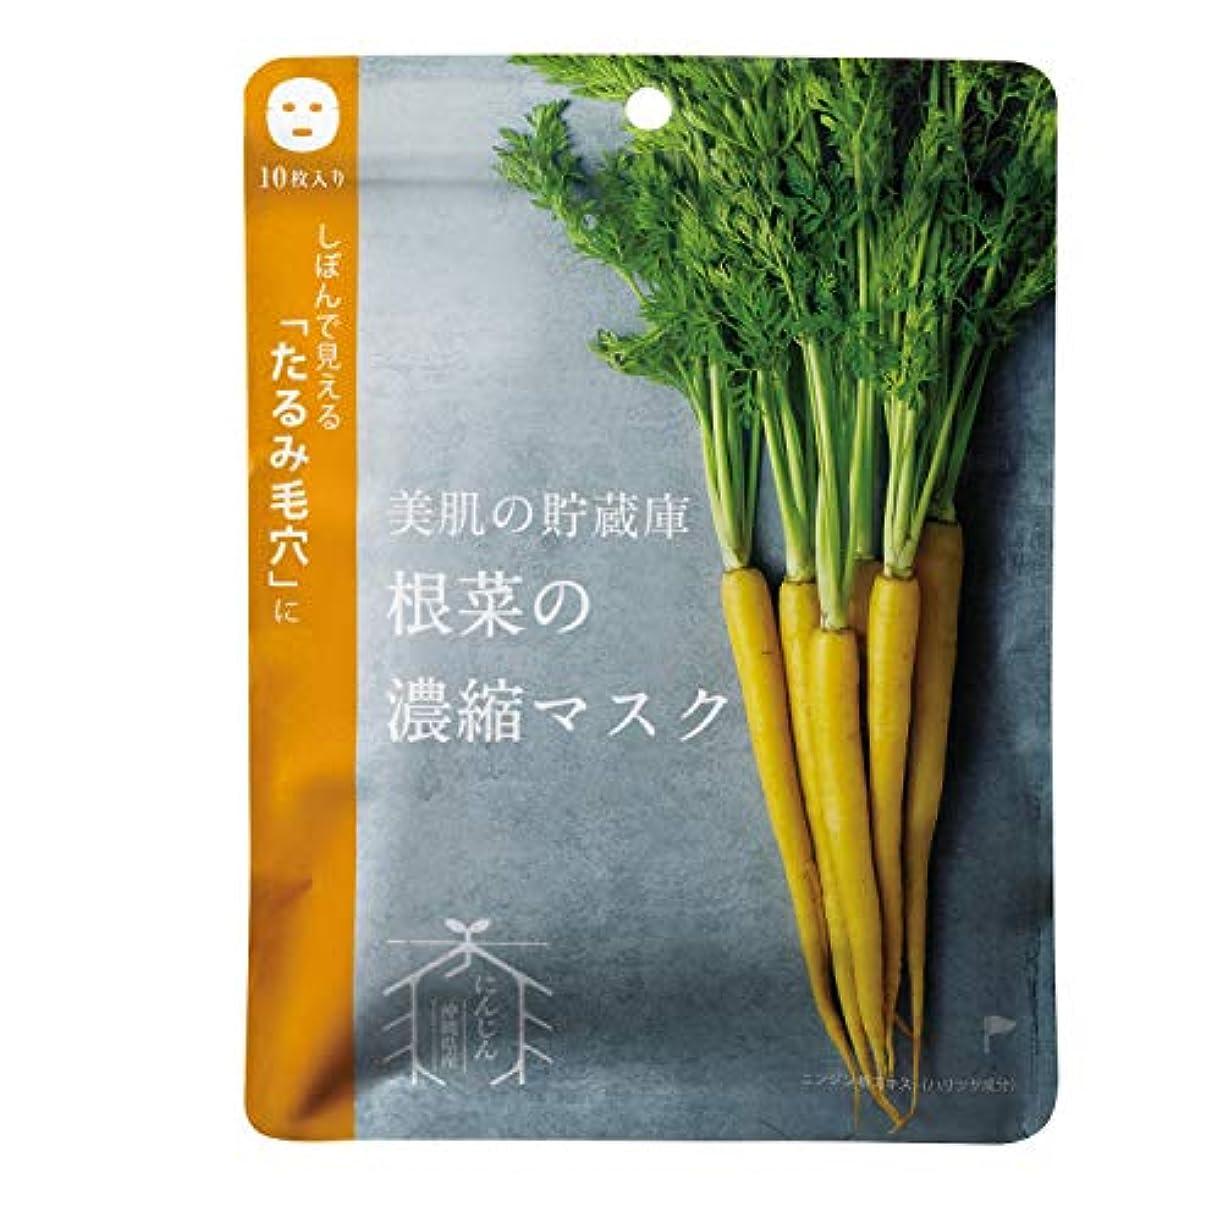 浸した専門用語キャラクター@cosme nippon 美肌の貯蔵庫 根菜の濃縮マスク 島にんじん 10枚 160ml